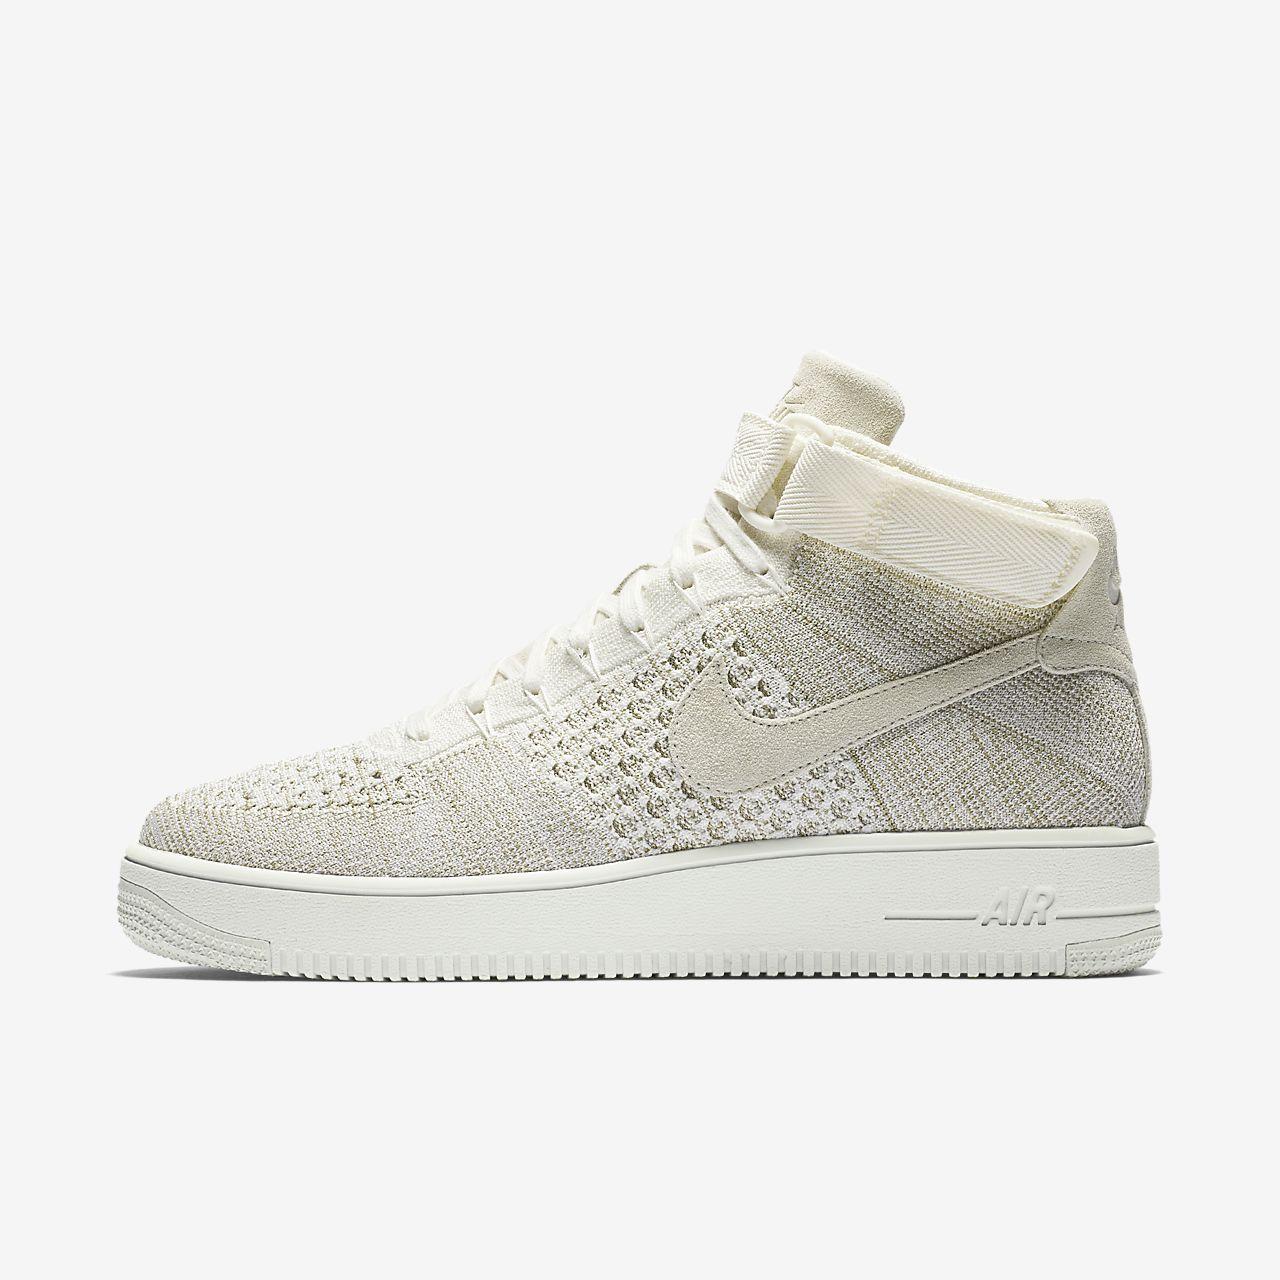 ... Nike Air Force 1 Ultra Flyknit Men\u0027s Shoe